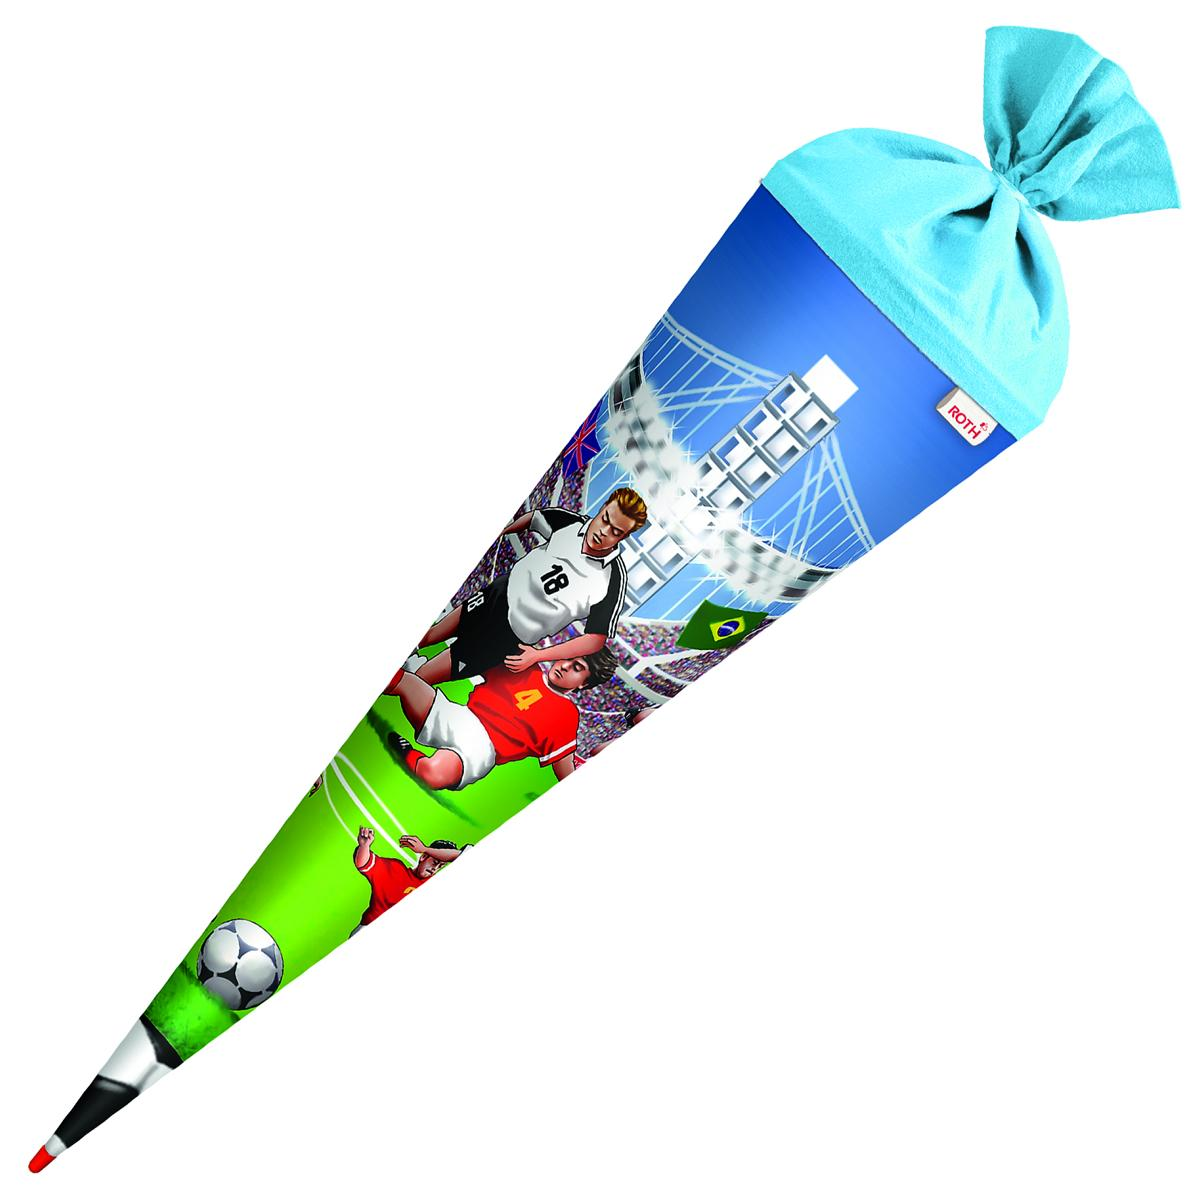 Schultute Zuckertute 70cm Rund Fussball Ebay